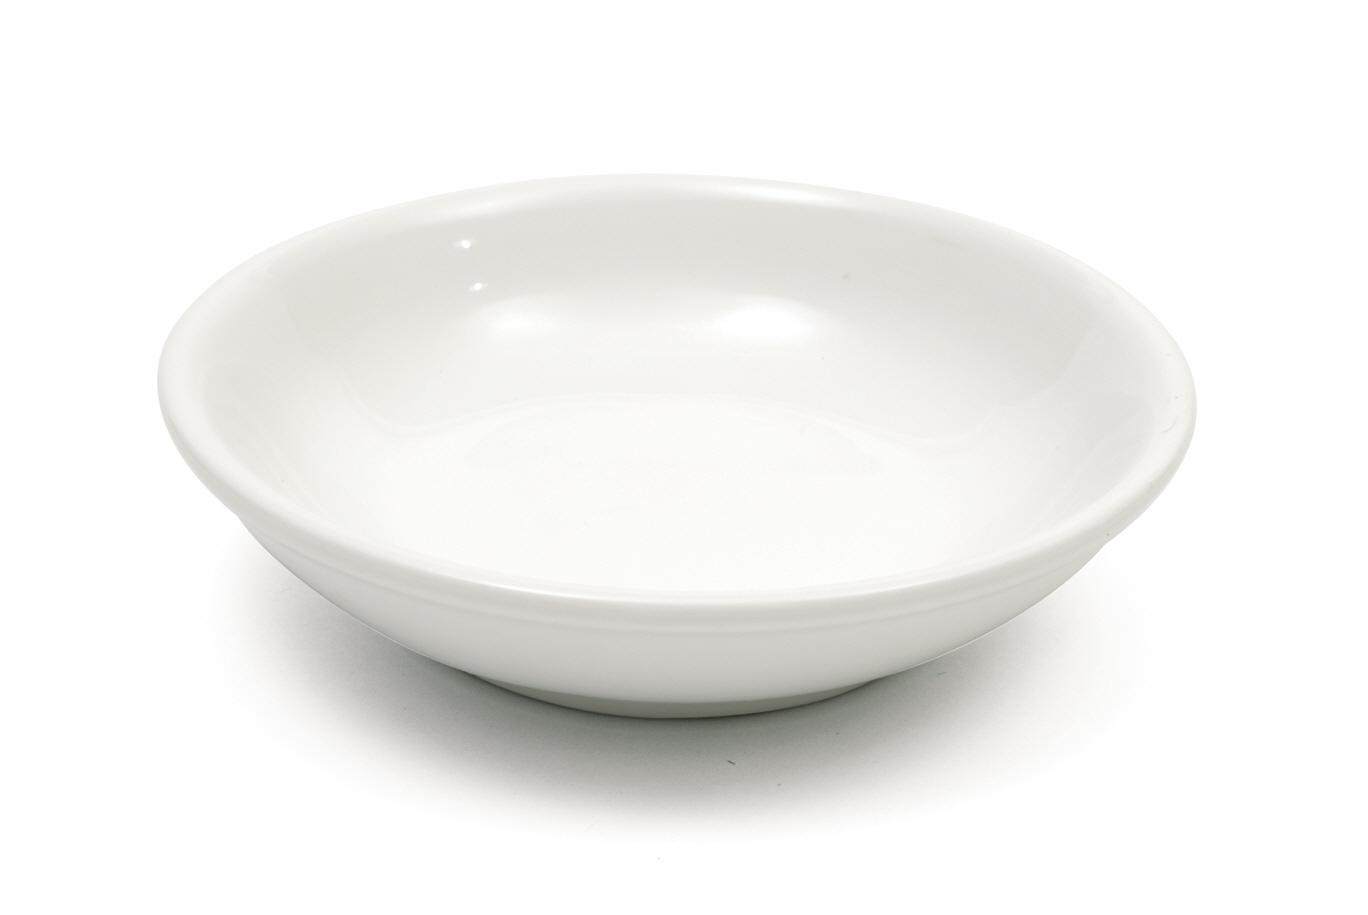 Porcelánová miska na dip 10 cm 6 ks White Basics - Maxwell&Williams